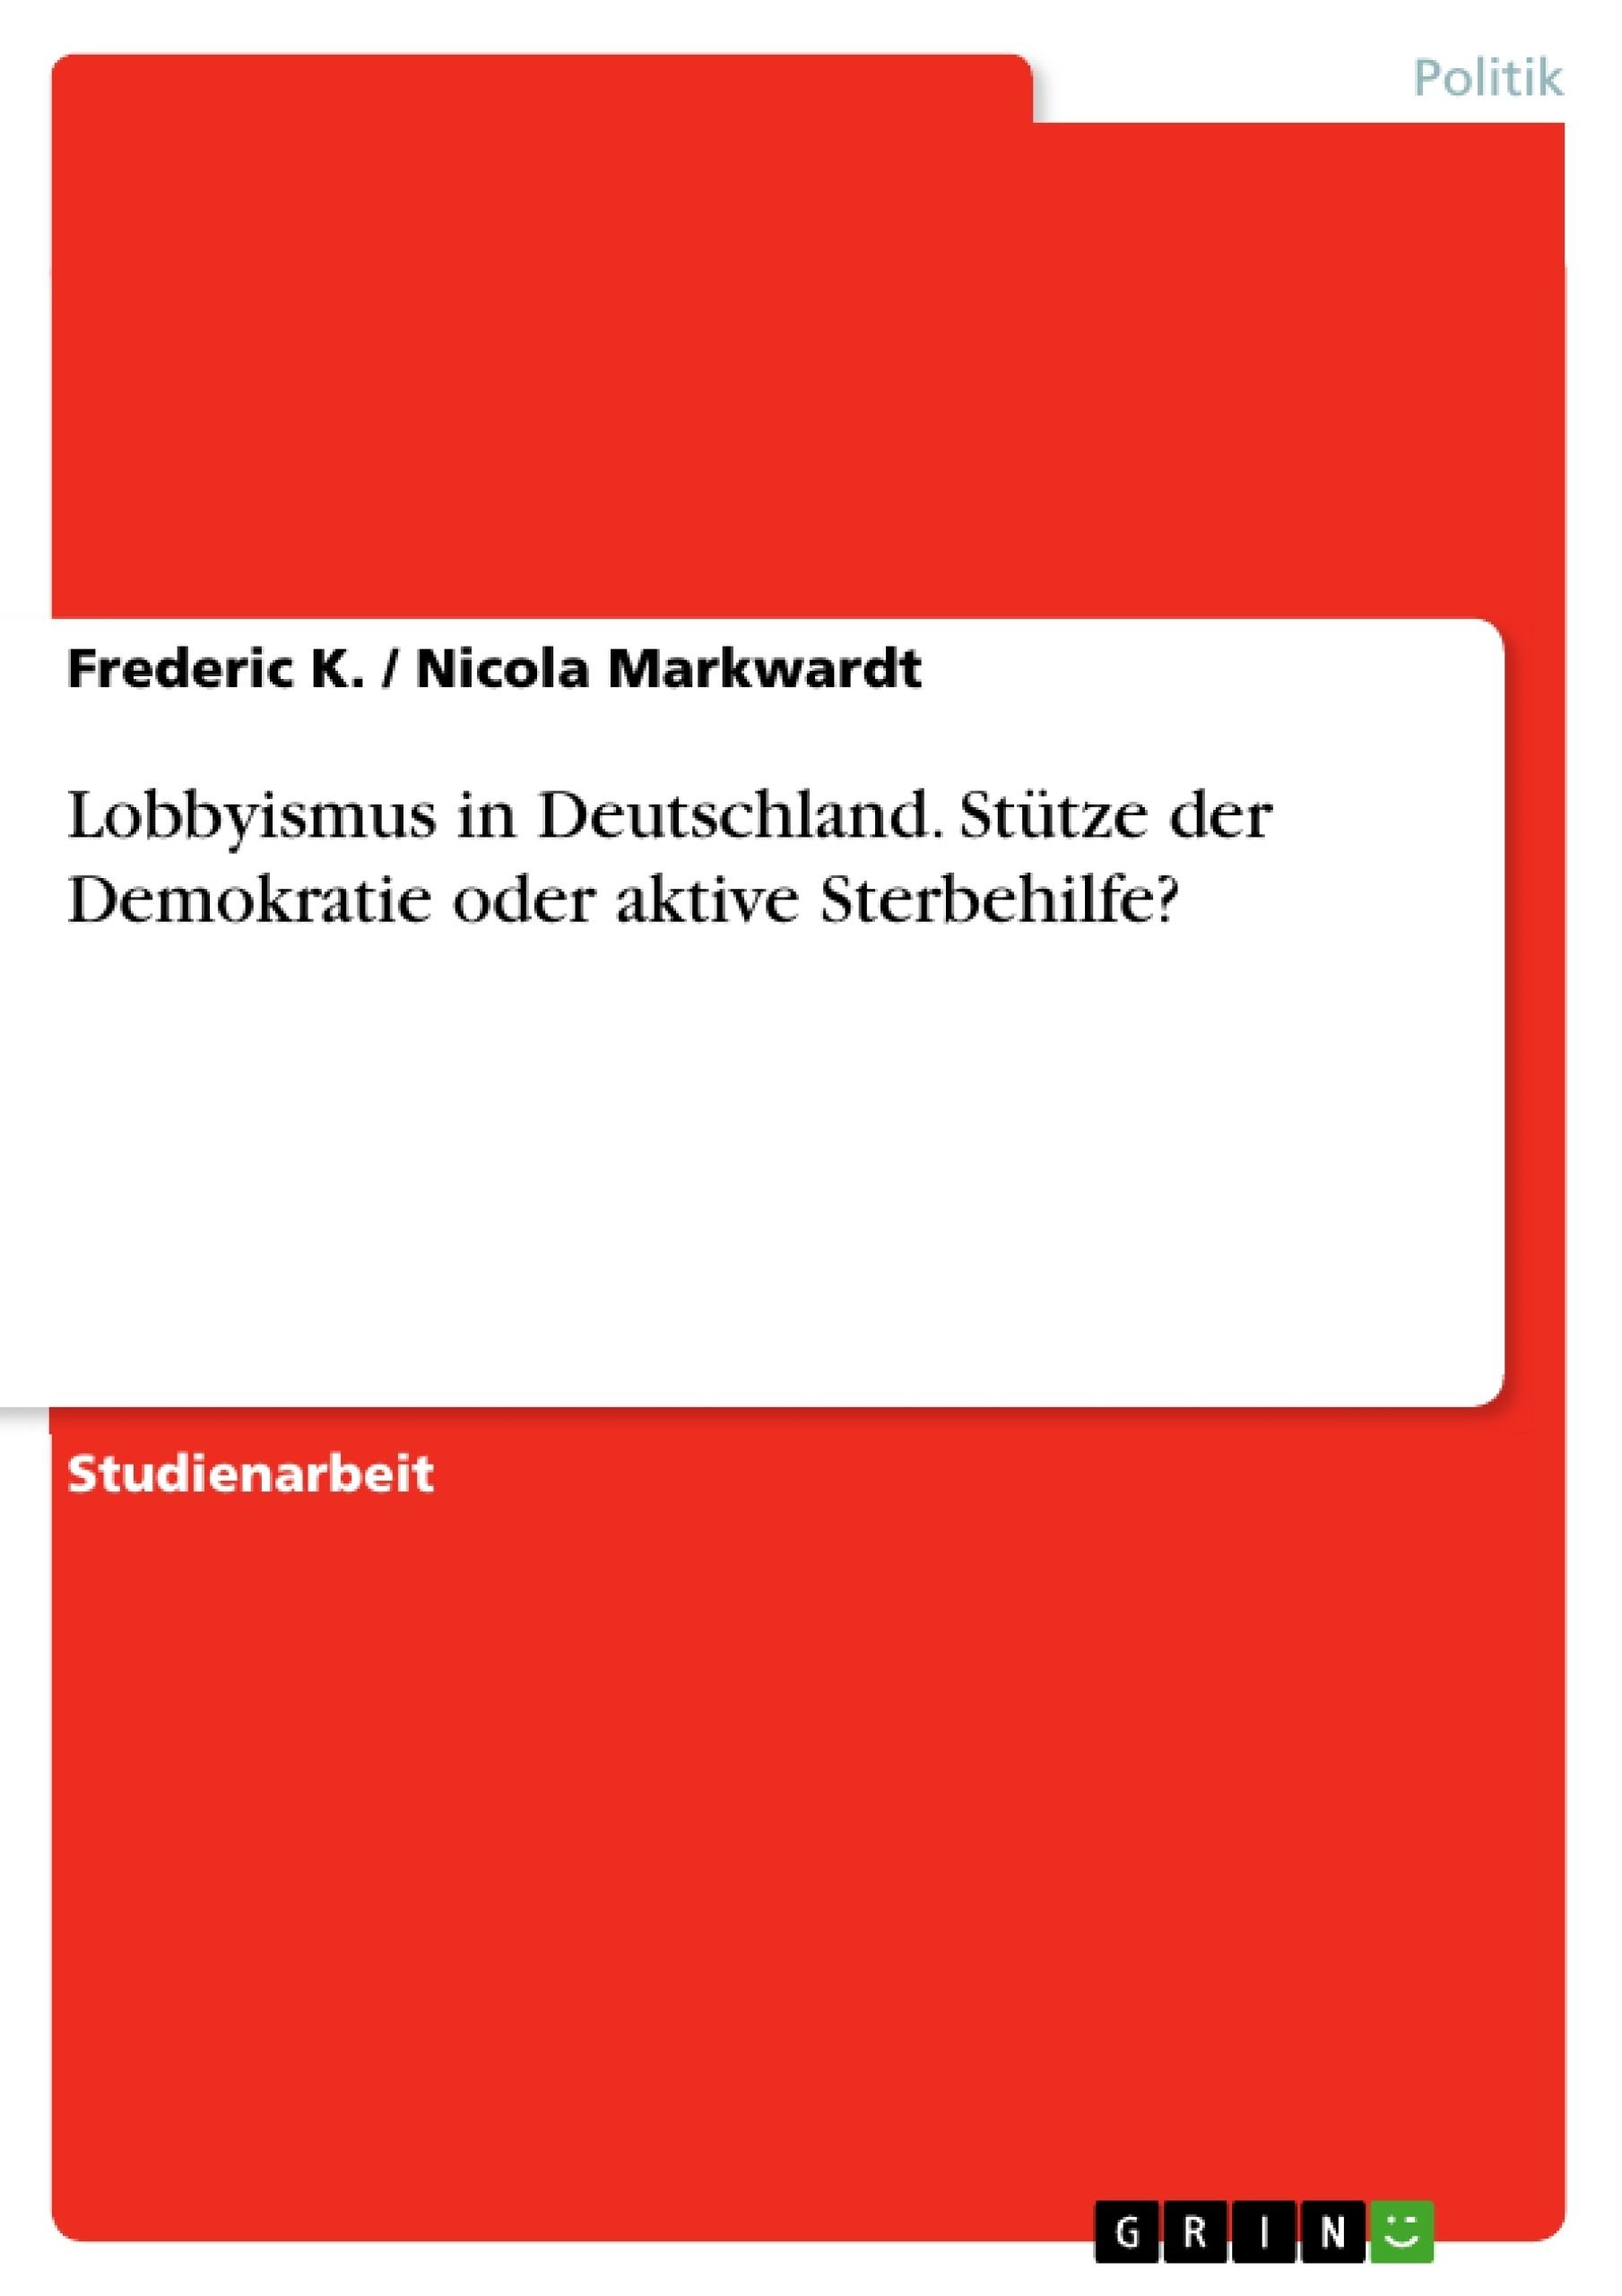 Titel: Lobbyismus in Deutschland. Stütze der Demokratie oder aktive Sterbehilfe?